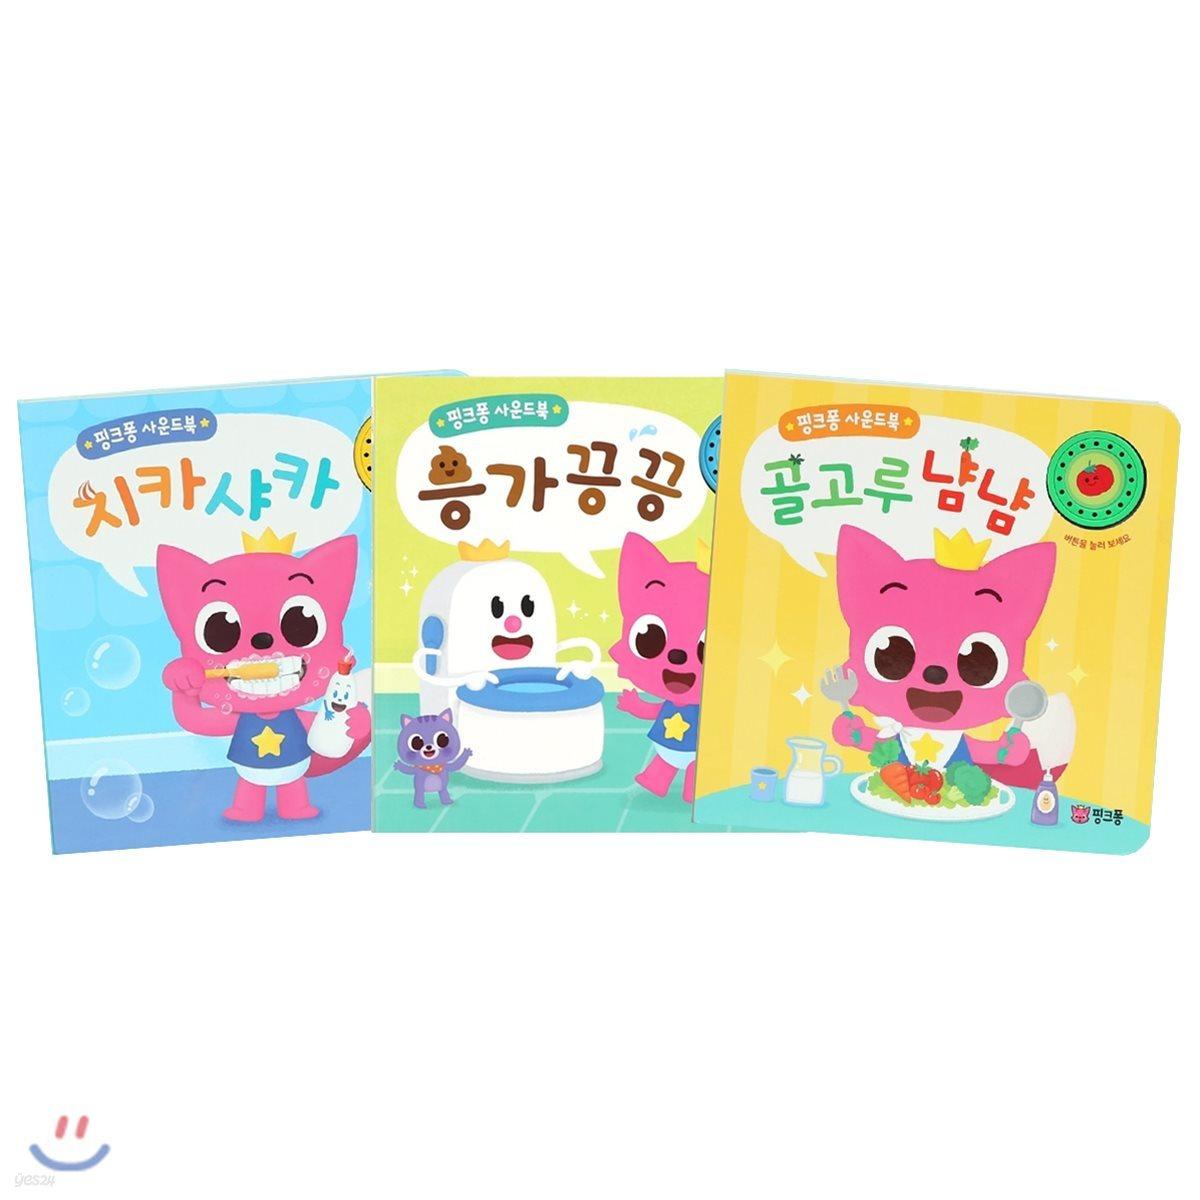 핑크퐁 생활습관 사운드북 3종 세트